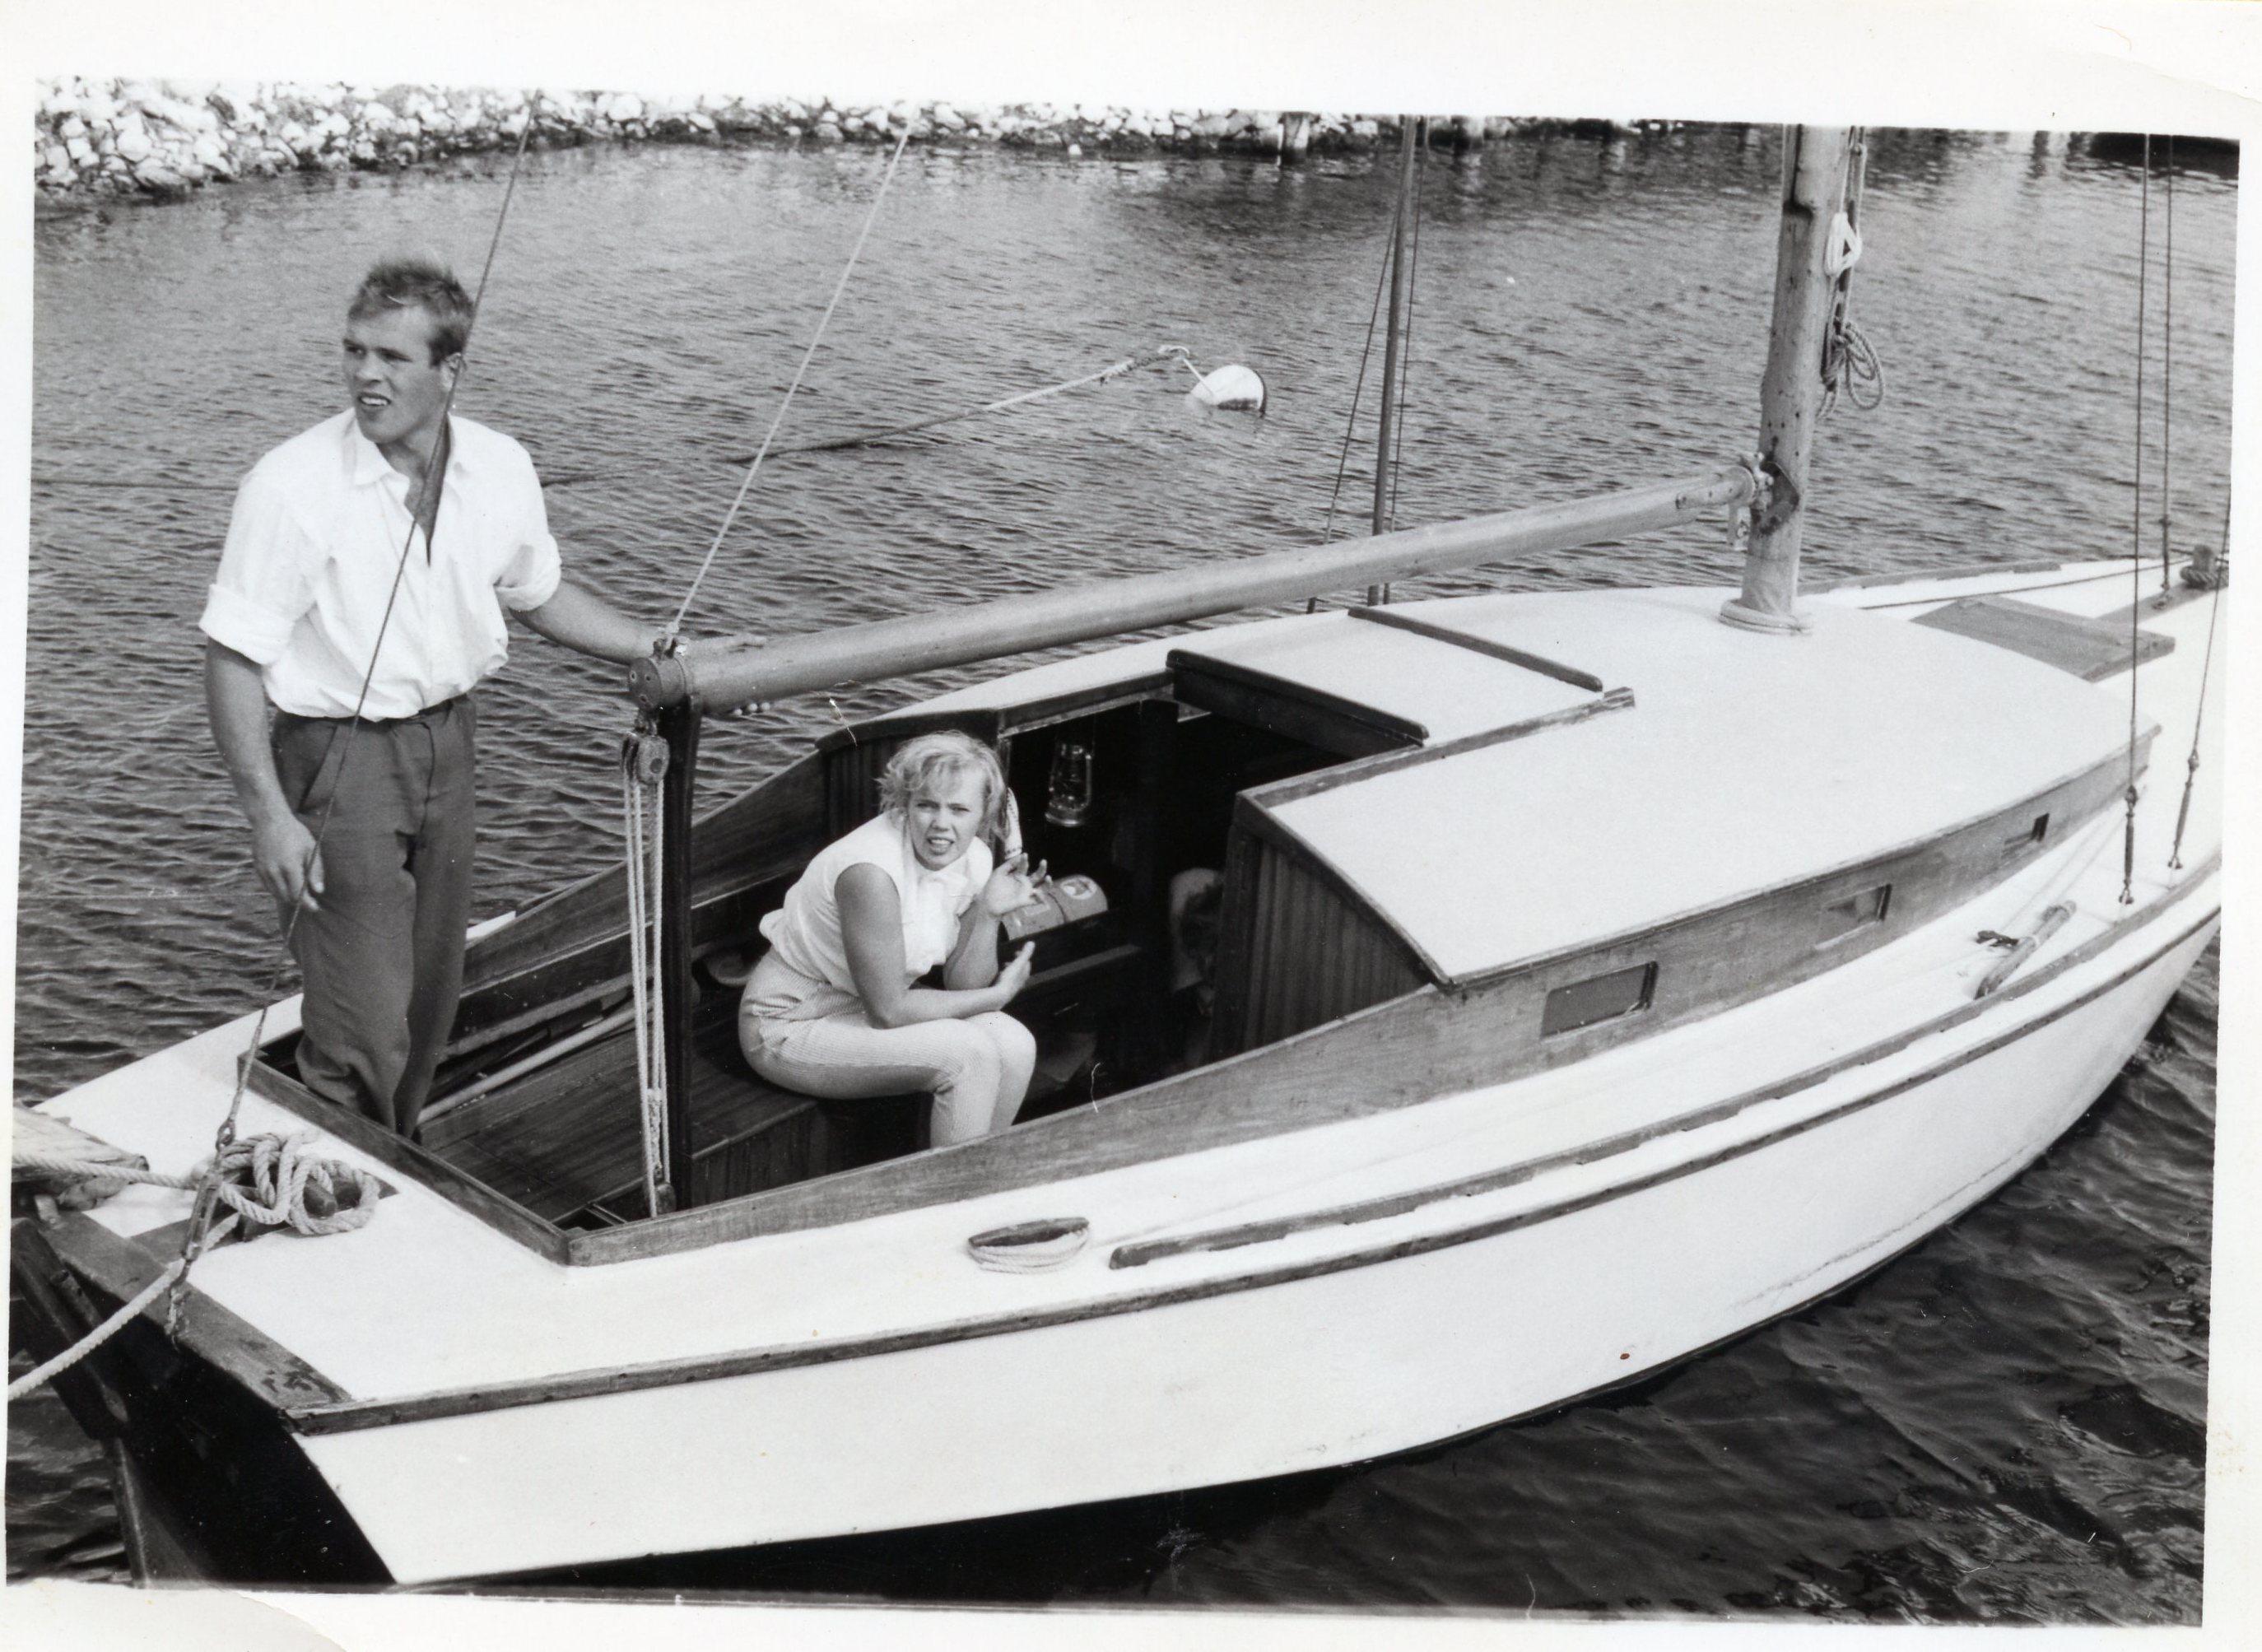 My Parent - vintage photo